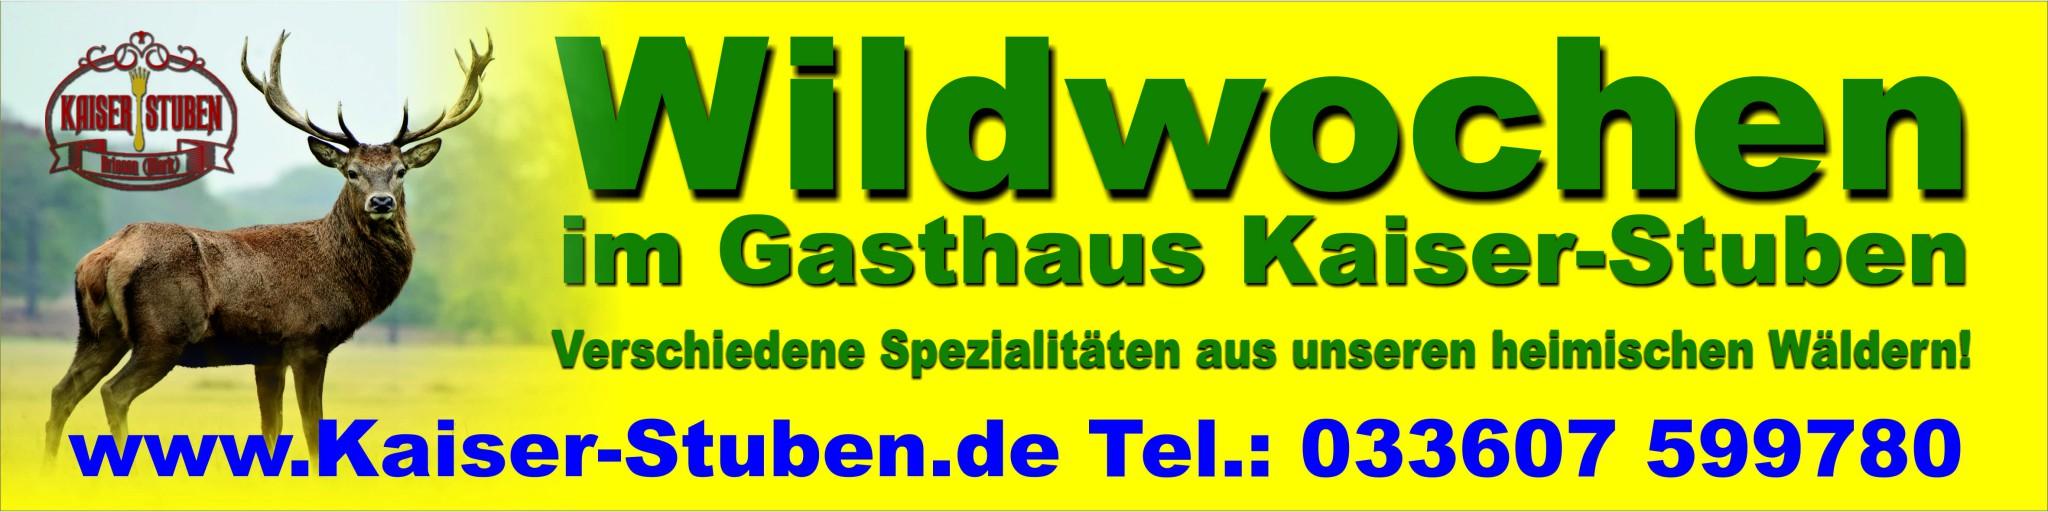 wildwochen-01